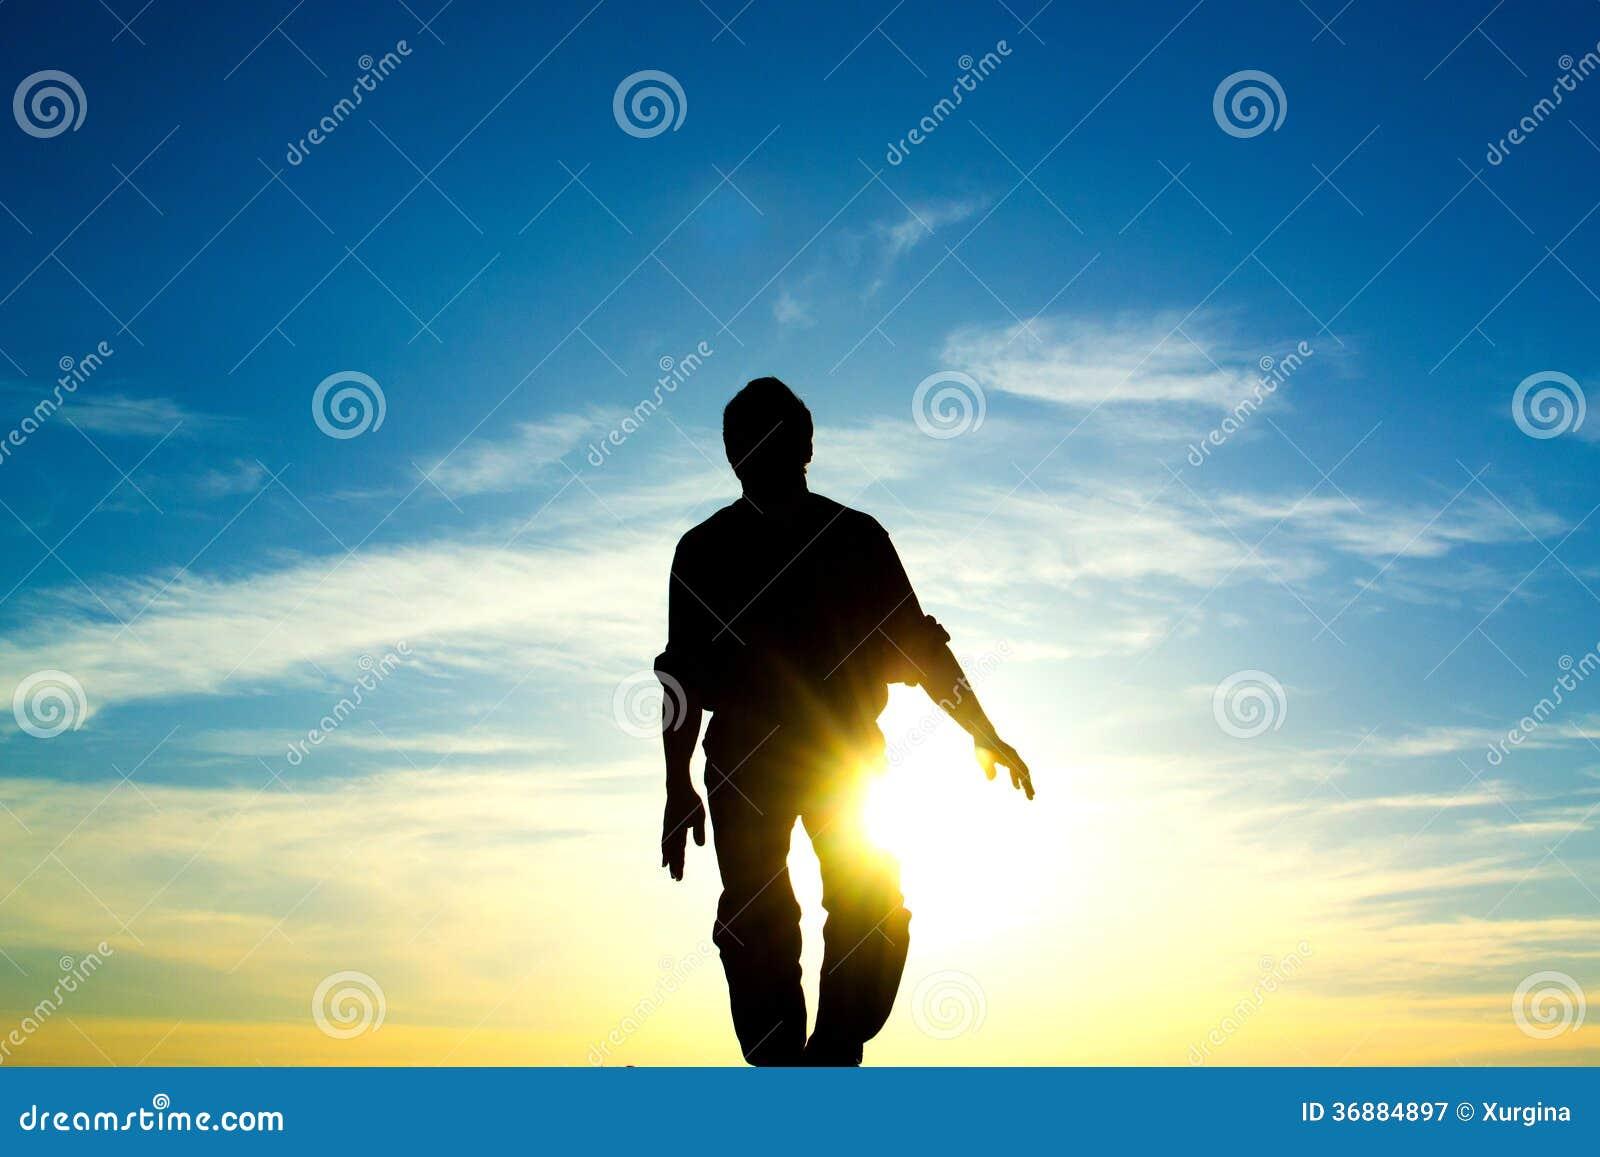 Download L'uomo ed il sole immagine stock. Immagine di pace, arancione - 36884897